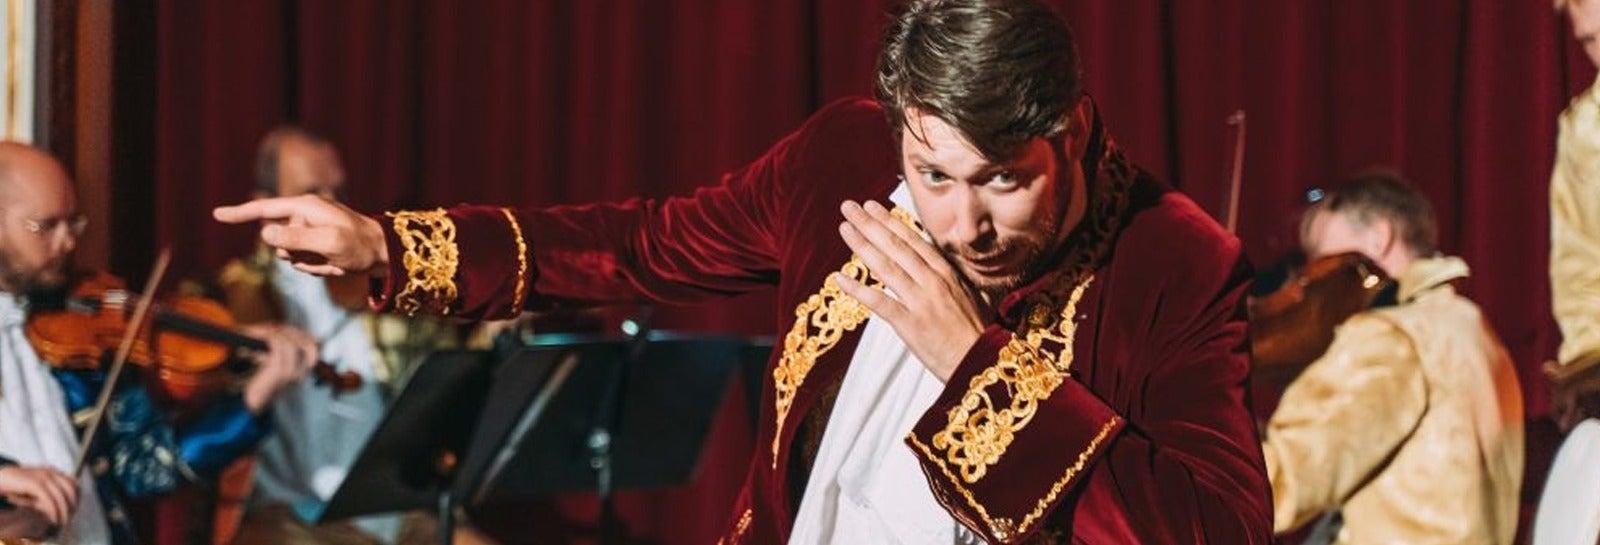 Cena e concerto di Mozart al Grand Hotel Bohemia